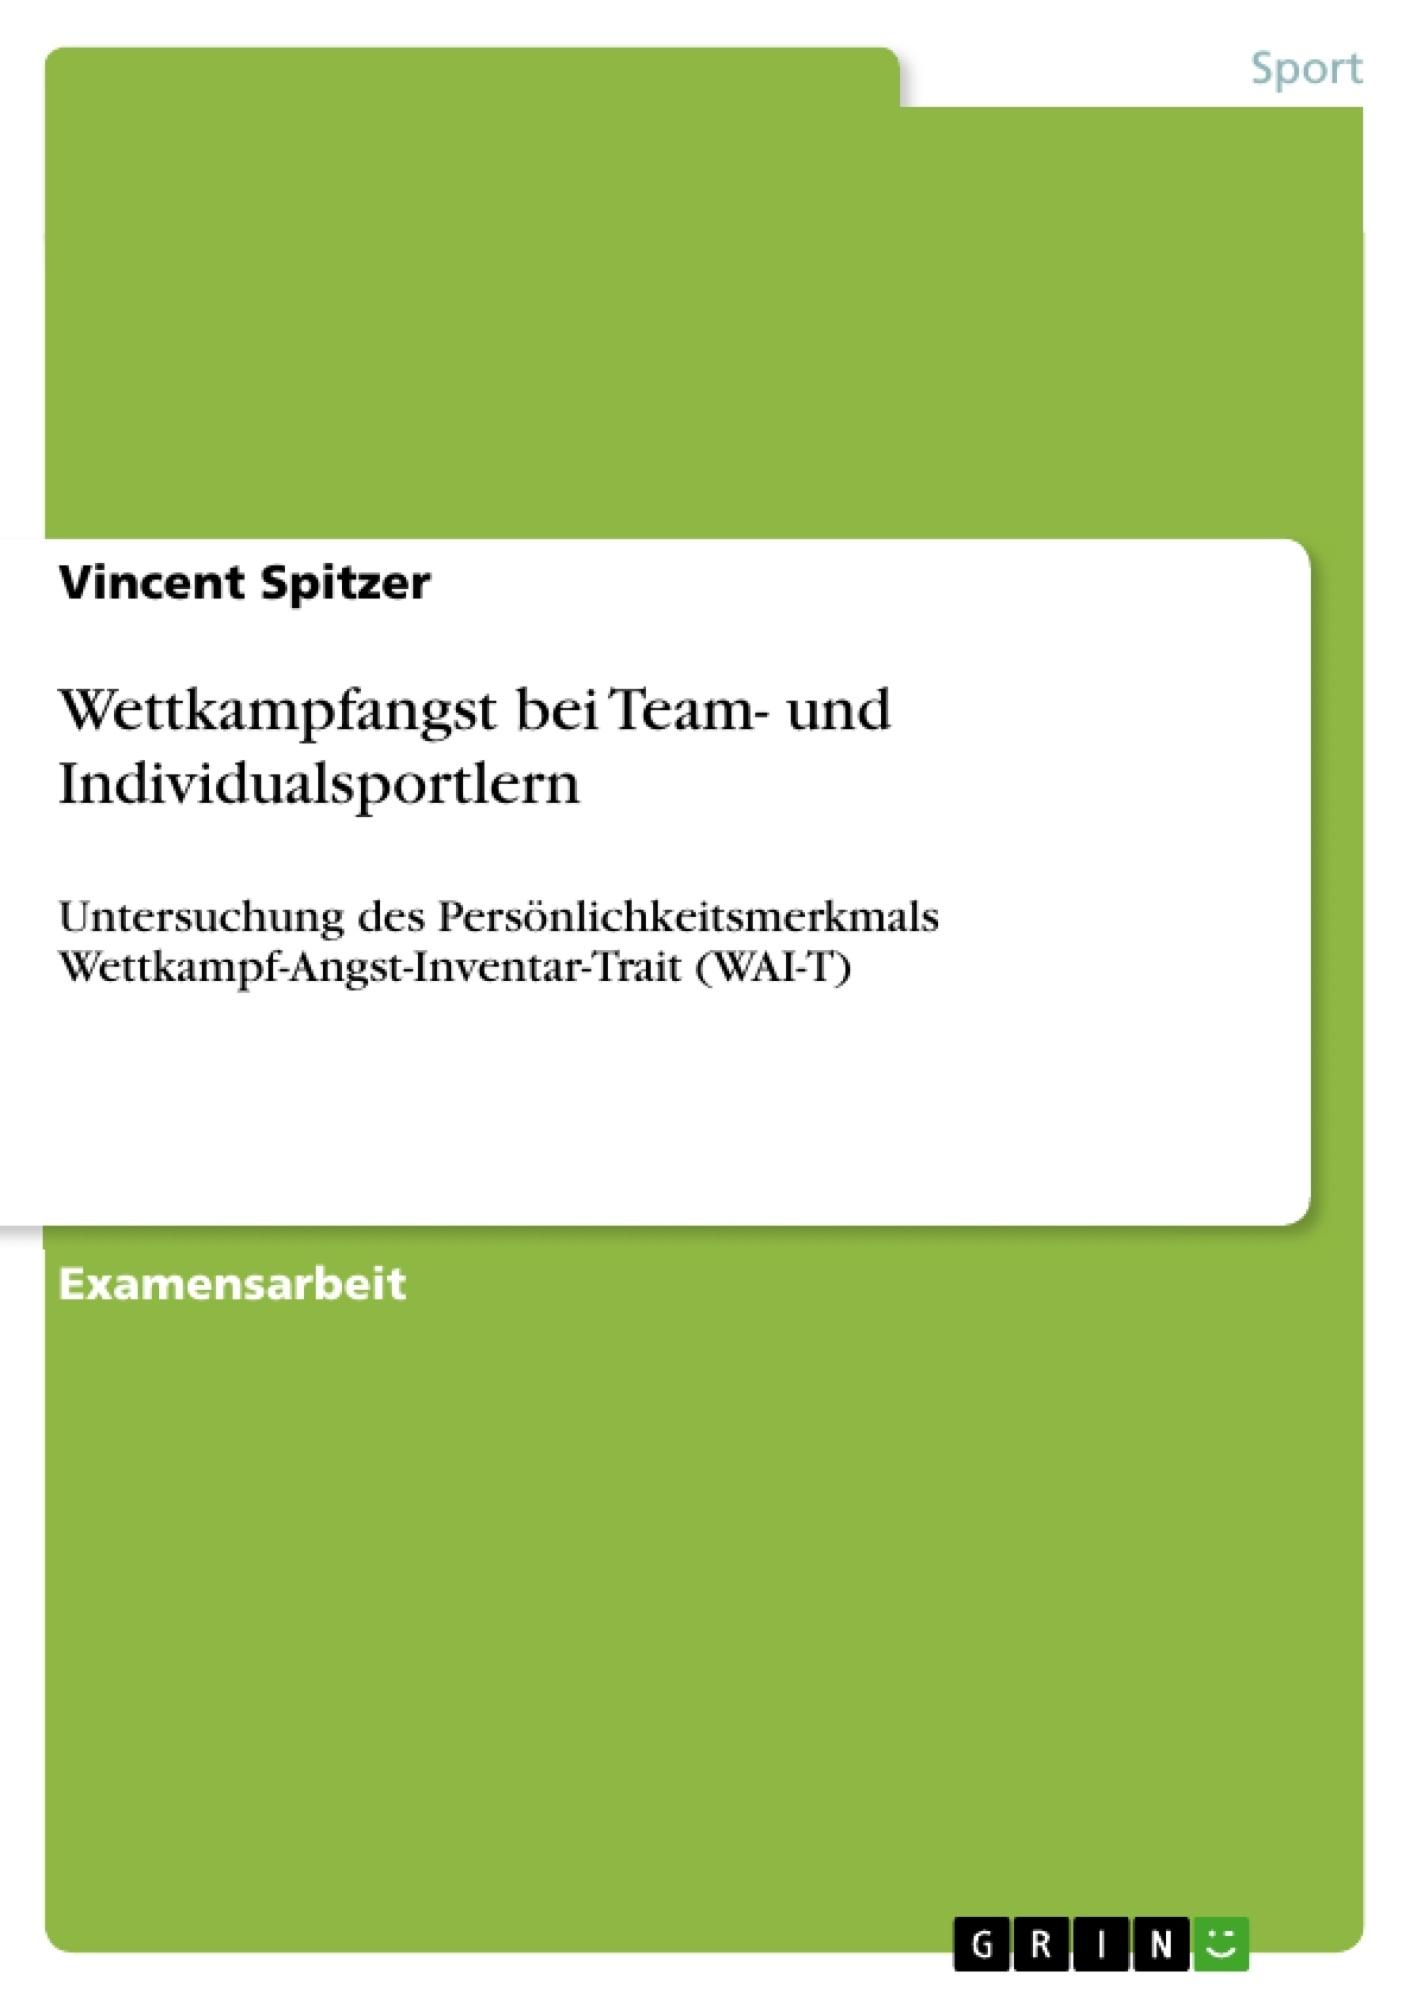 Titel: Wettkampfangst bei Team- und Individualsportlern